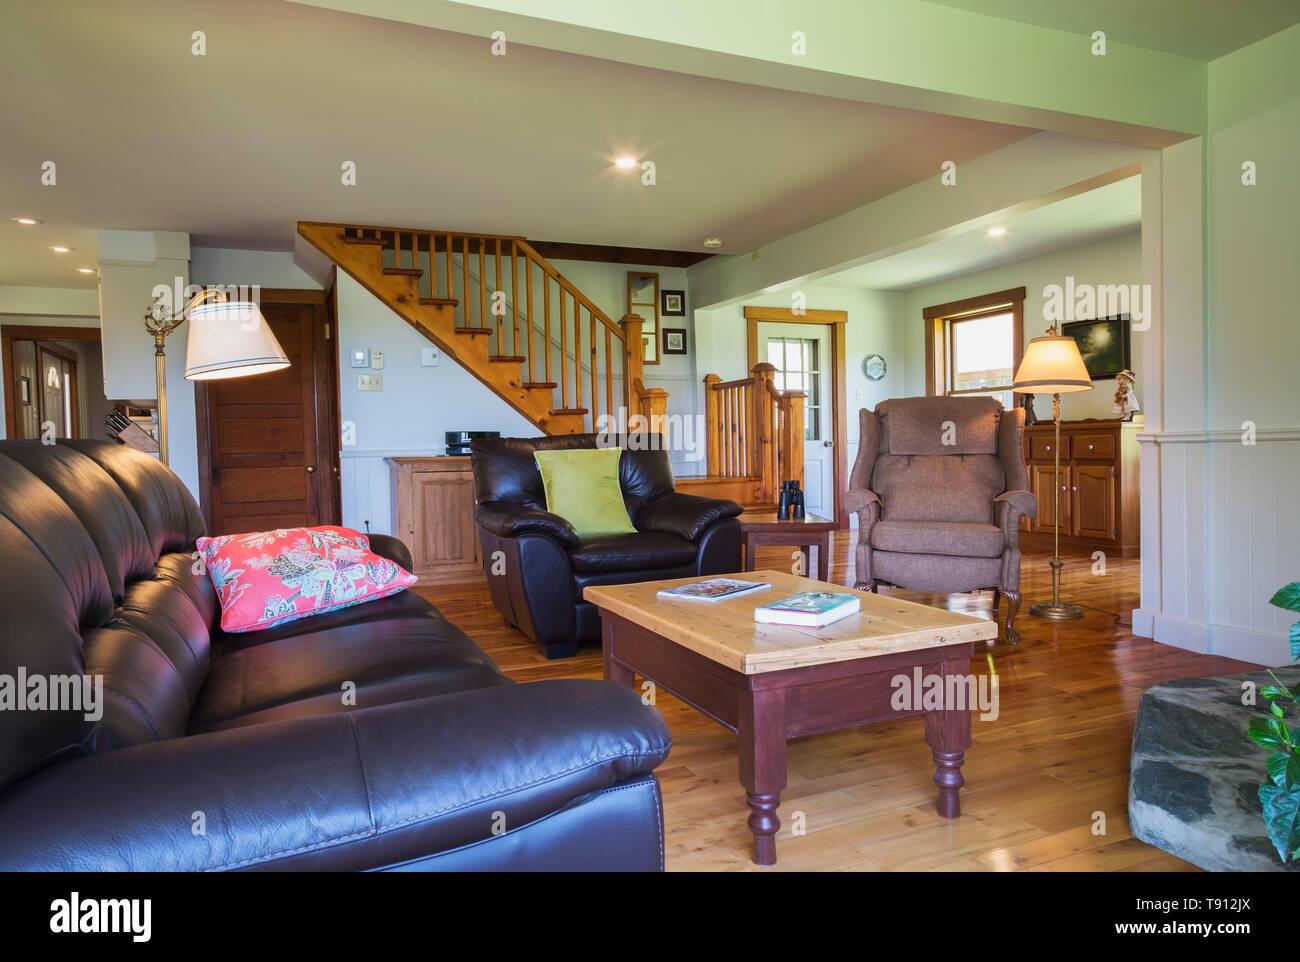 Braunes Leder Sofa und Sessel, Couchtisch Kiefernholz in